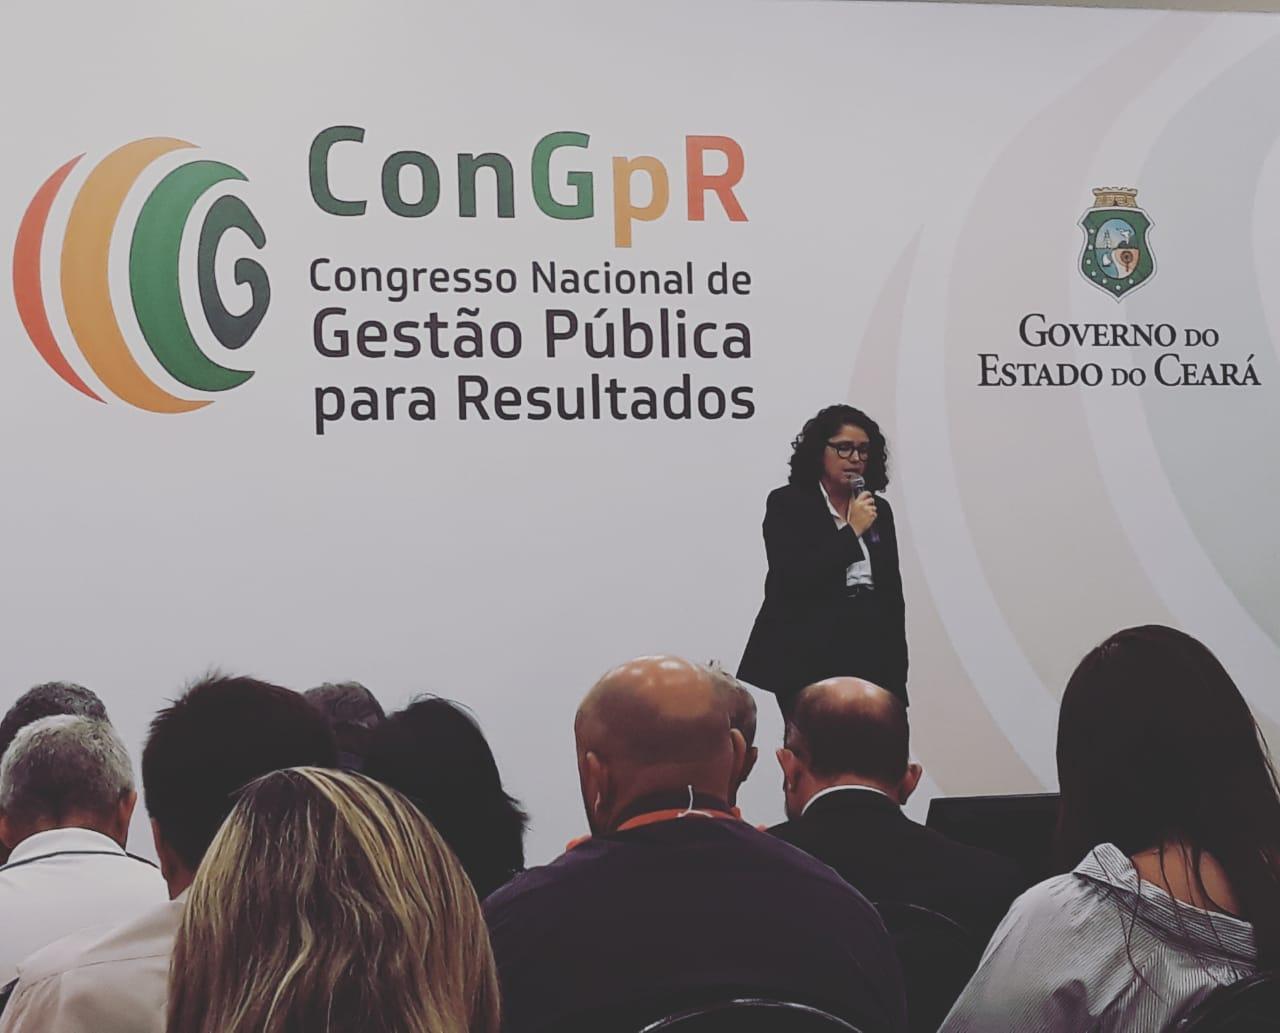 I Congresso de Gestão Pública para Resultados – ConGpR